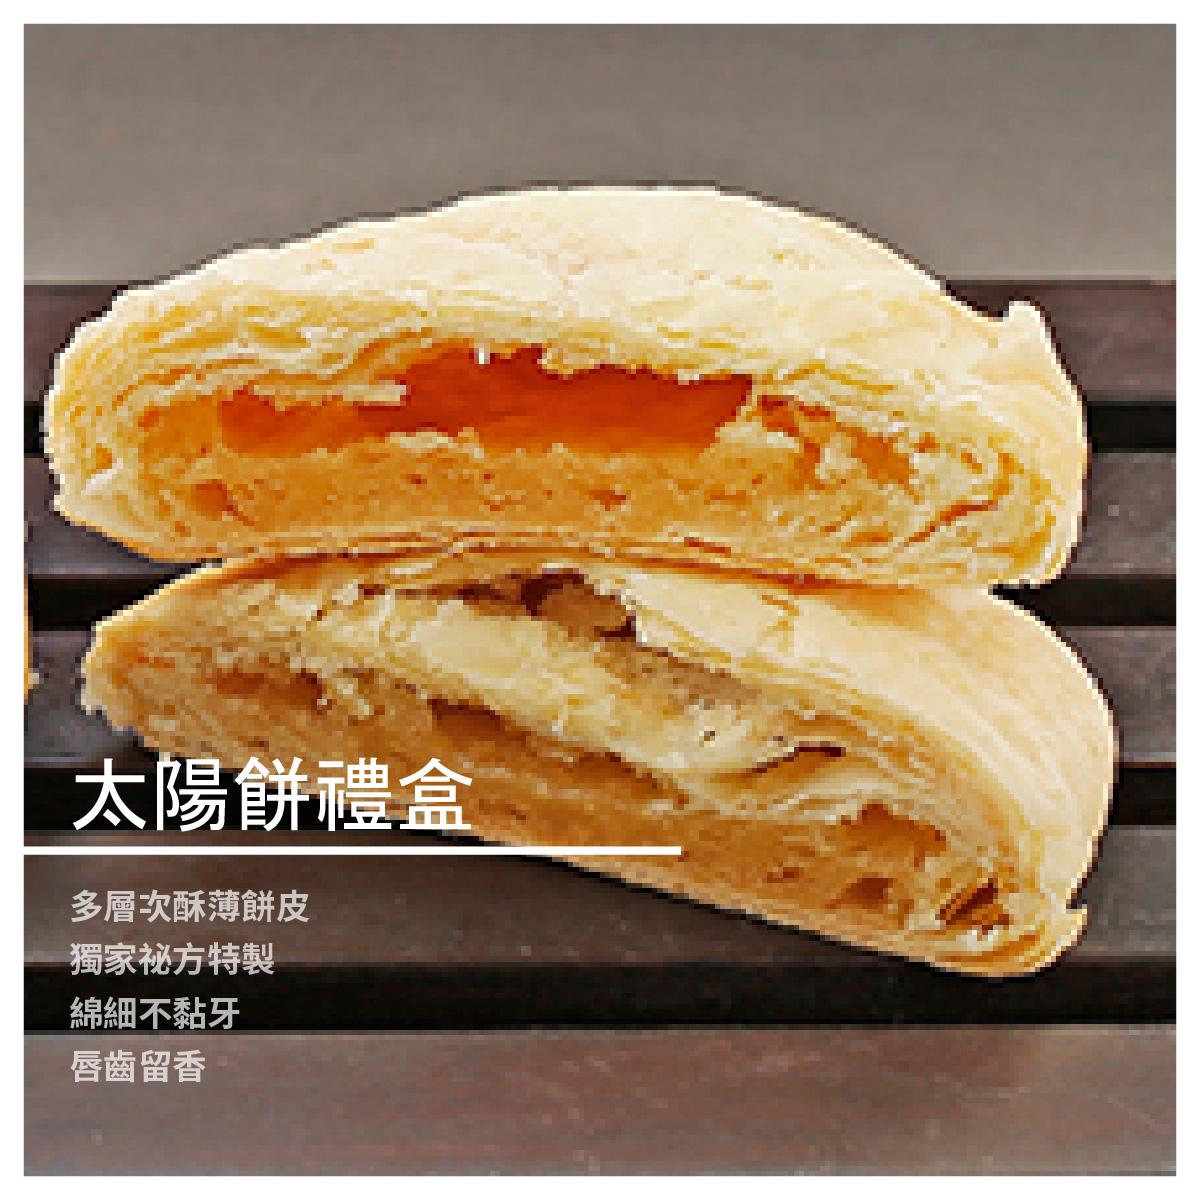 【卡但屋餅店】太陽餅禮盒/12入